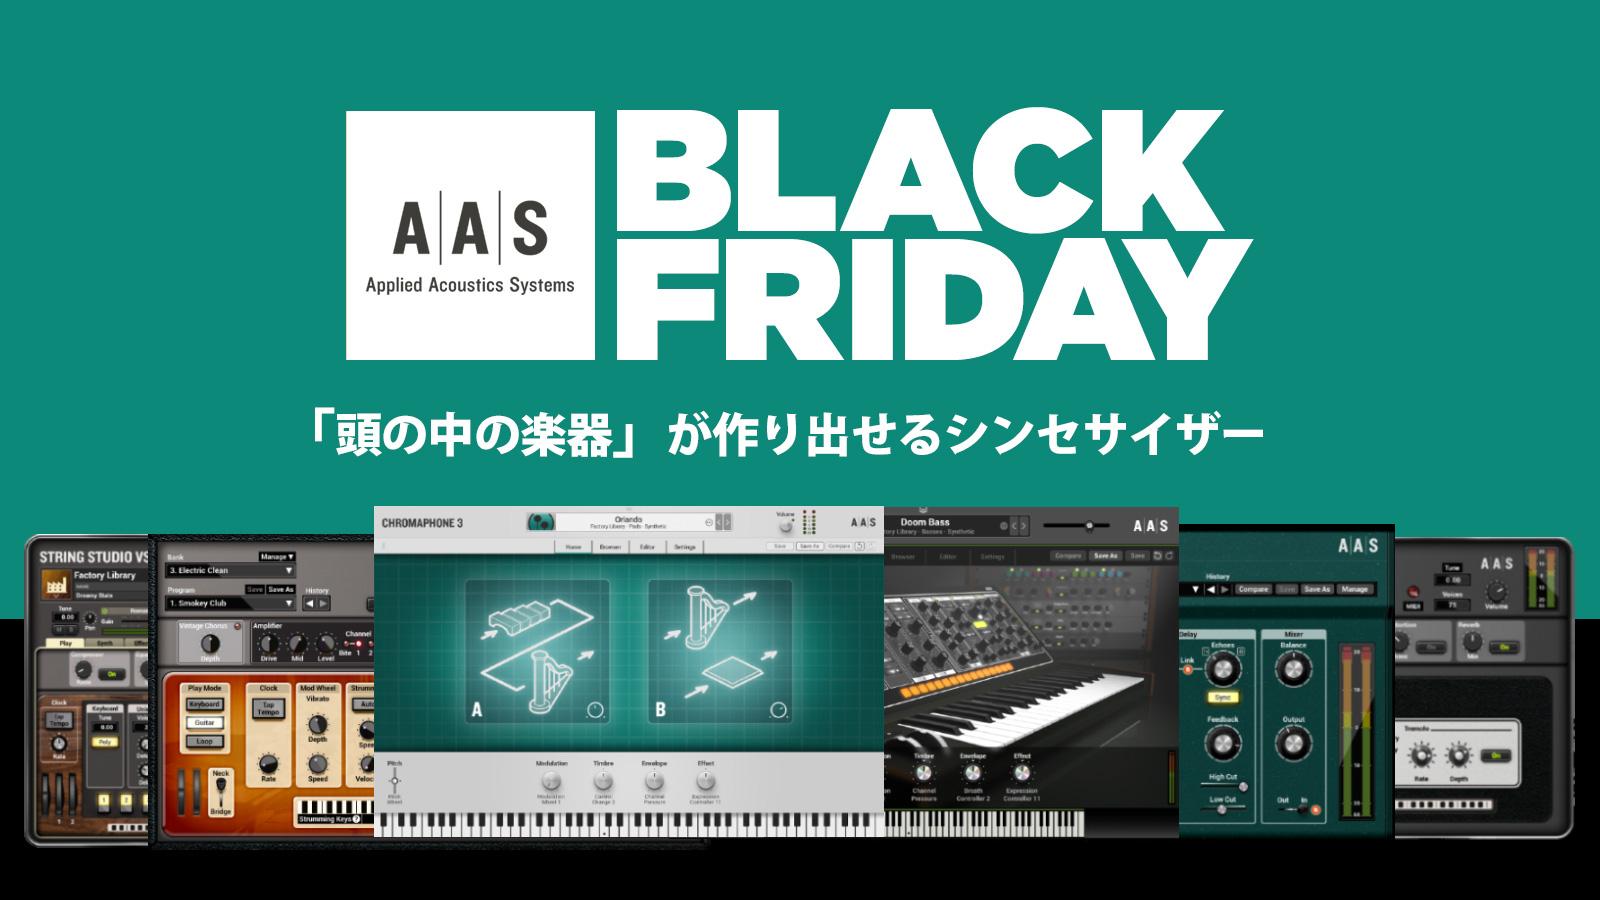 アナログシンセも電子ピアノも弦楽器も「頭の中の楽器」も最大65%OFF!Applied Acoustics Systems ブラックフライデーセール